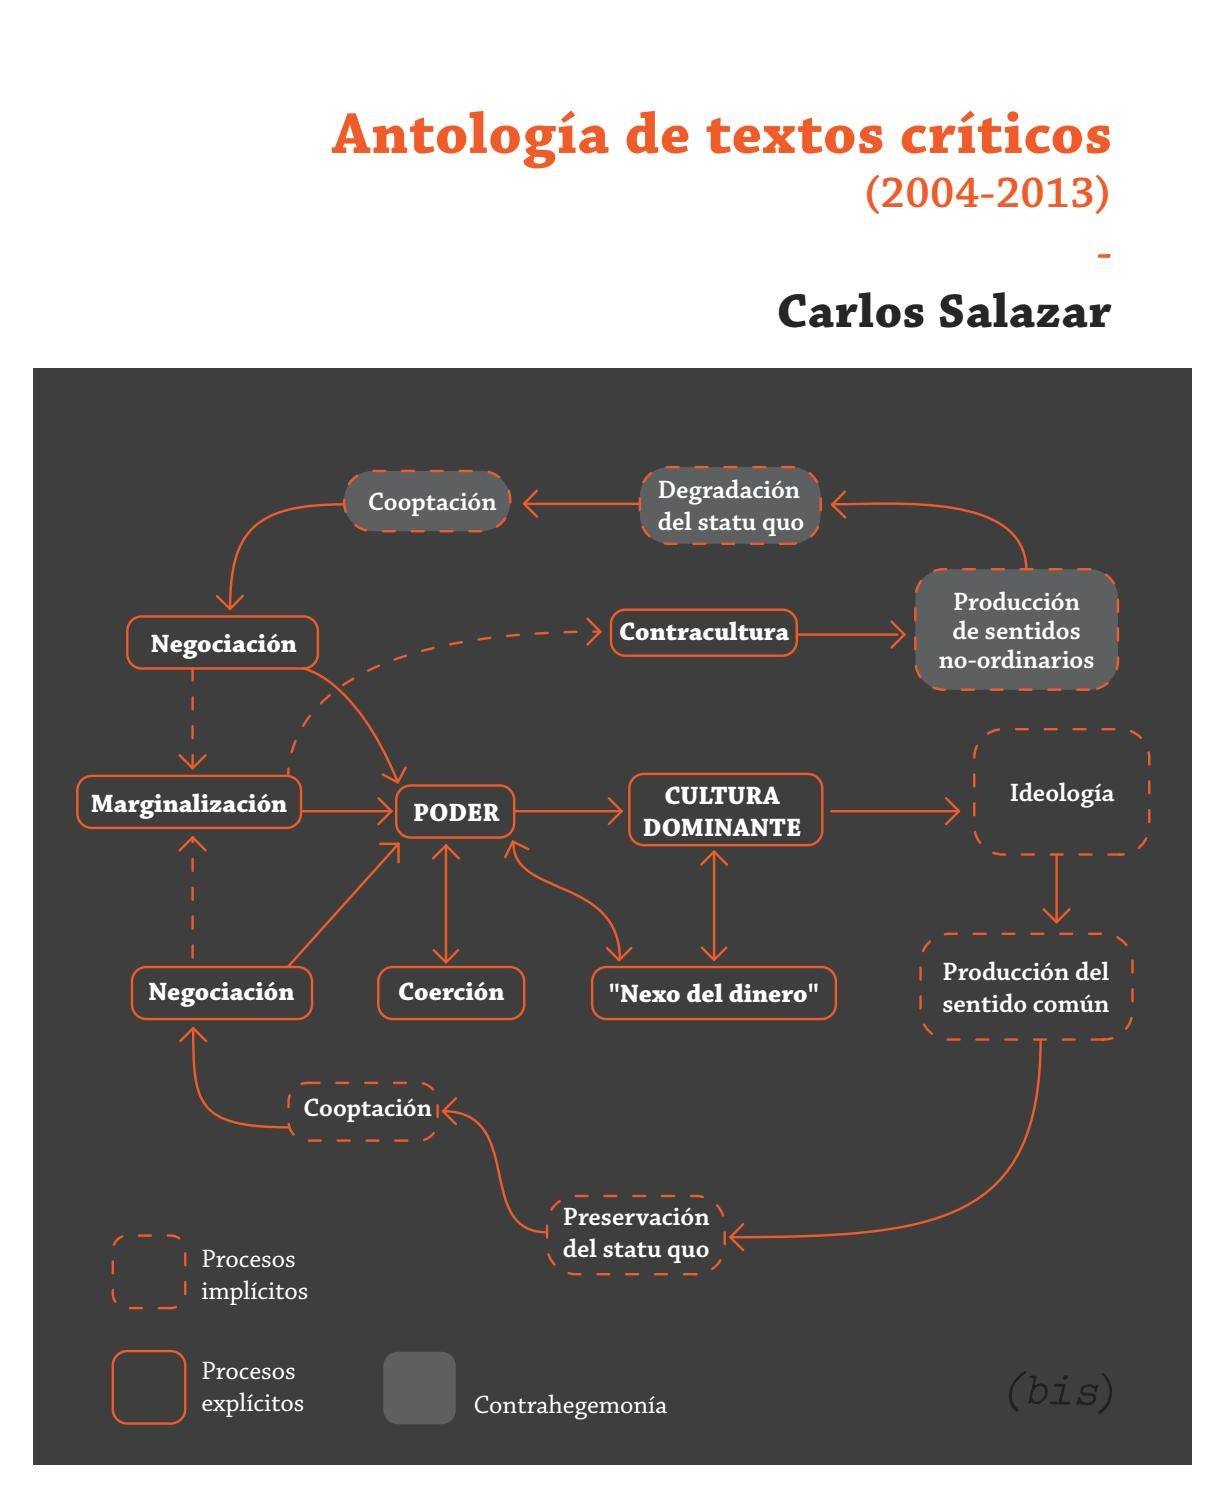 Antología De Textos Críticos 2004 2013 Carlos Salazar By